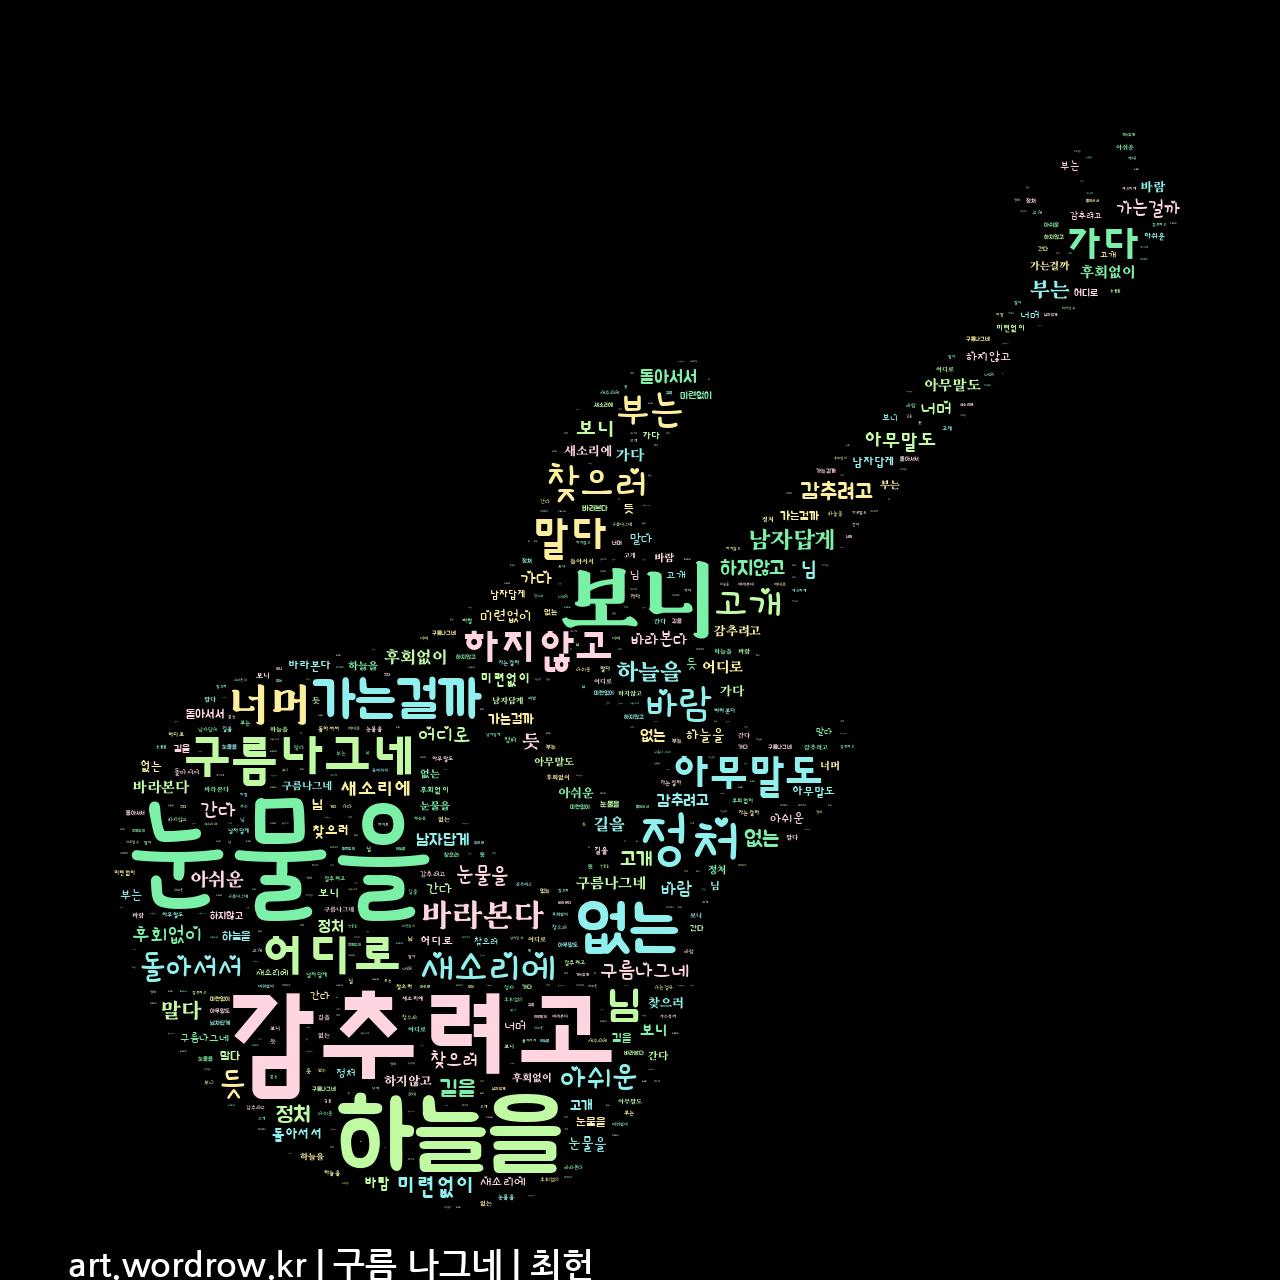 워드 클라우드: 구름 나그네 [최헌]-4